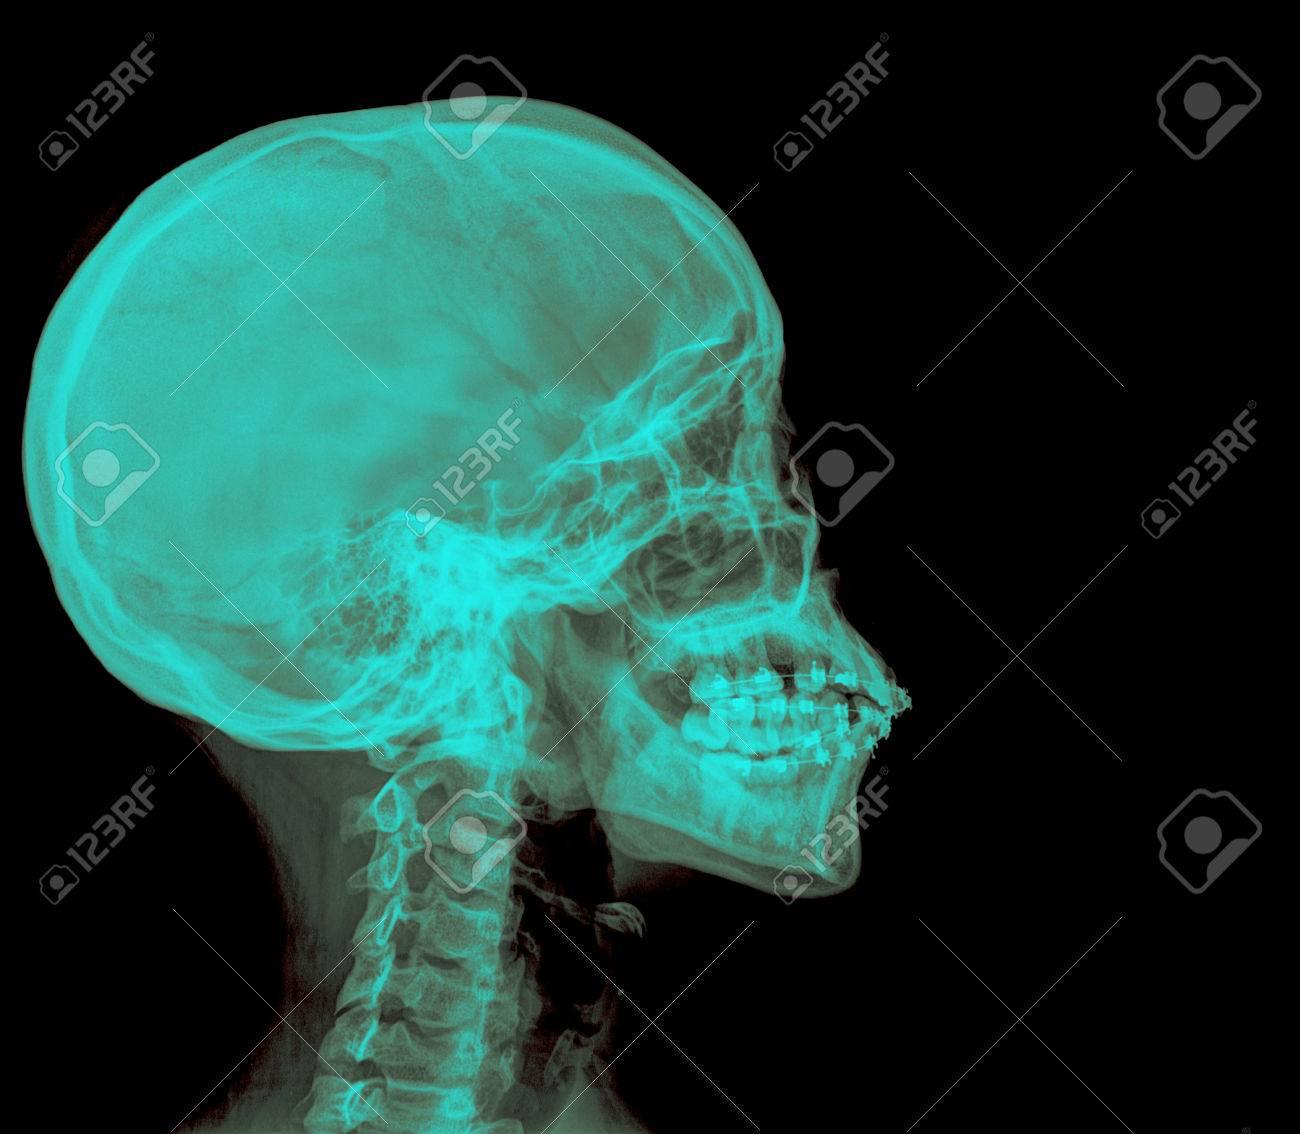 Foto Von Seite X-ray-Bild Des Menschlichen Schädel In Natürlichen ...